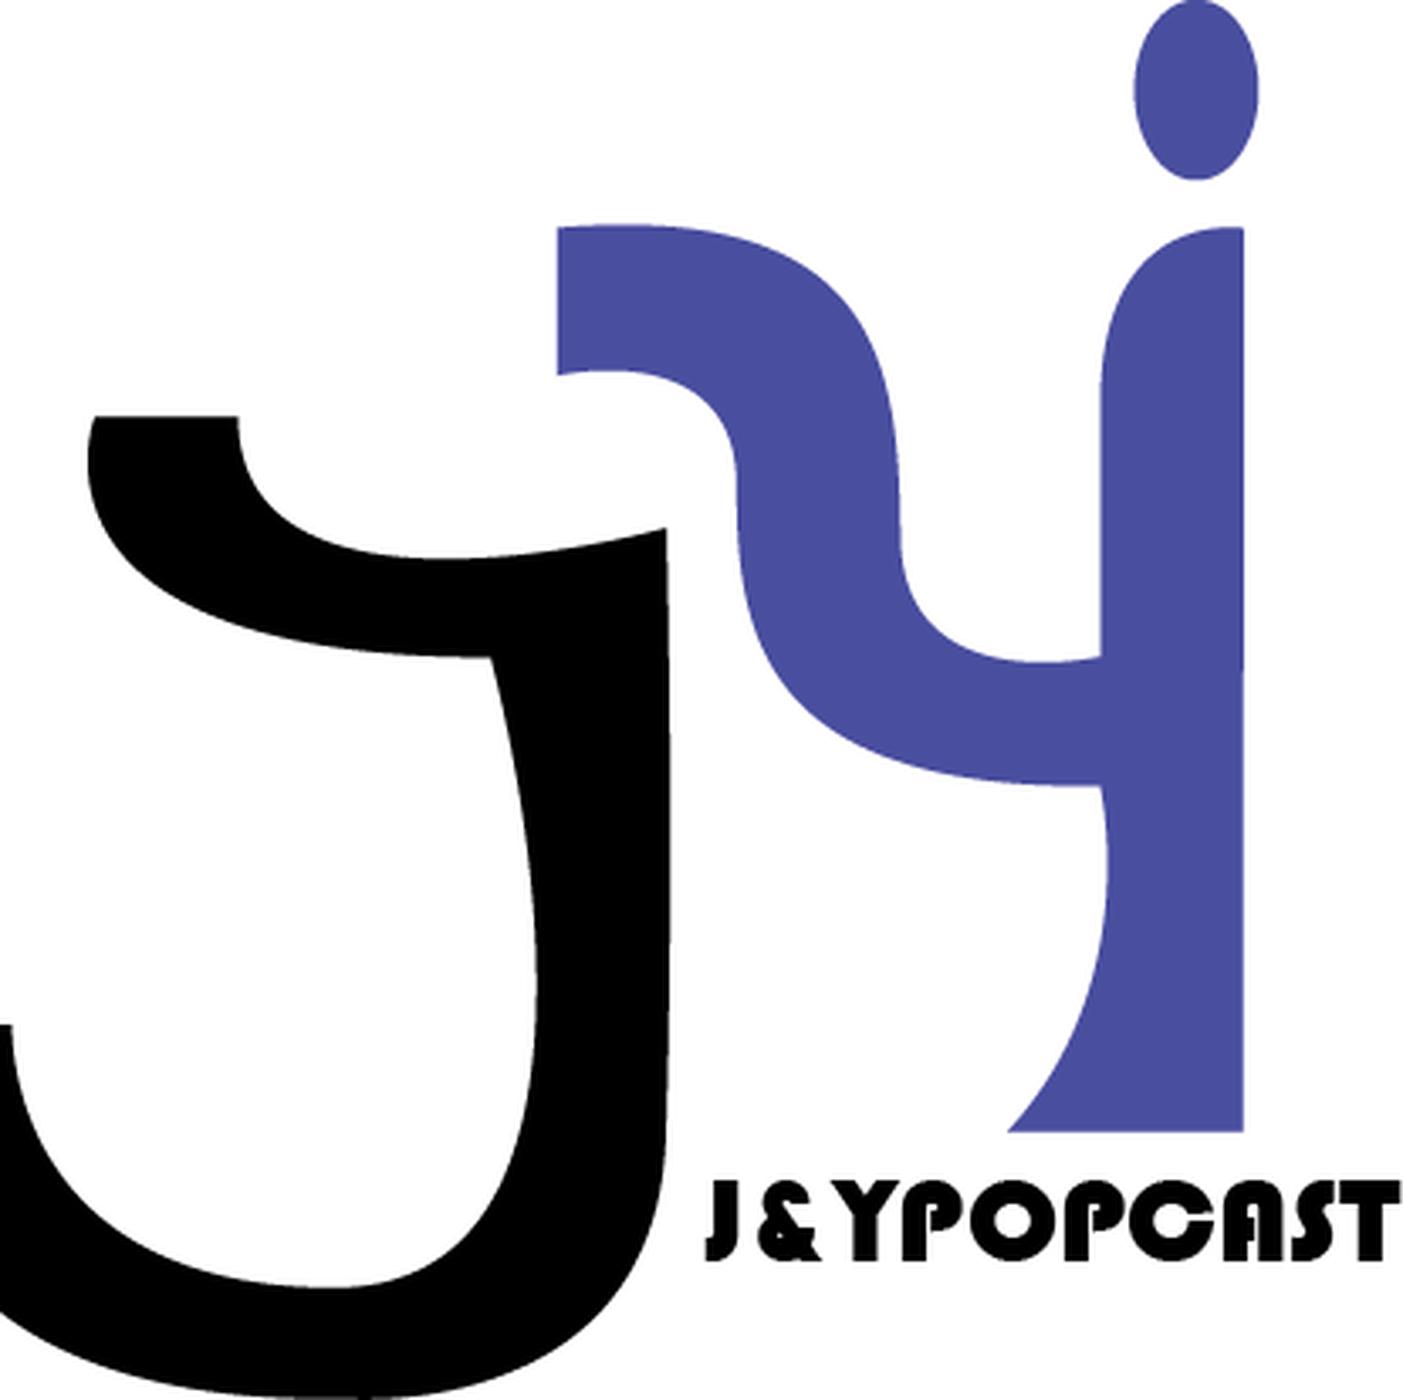 JY군의 팟캐스트